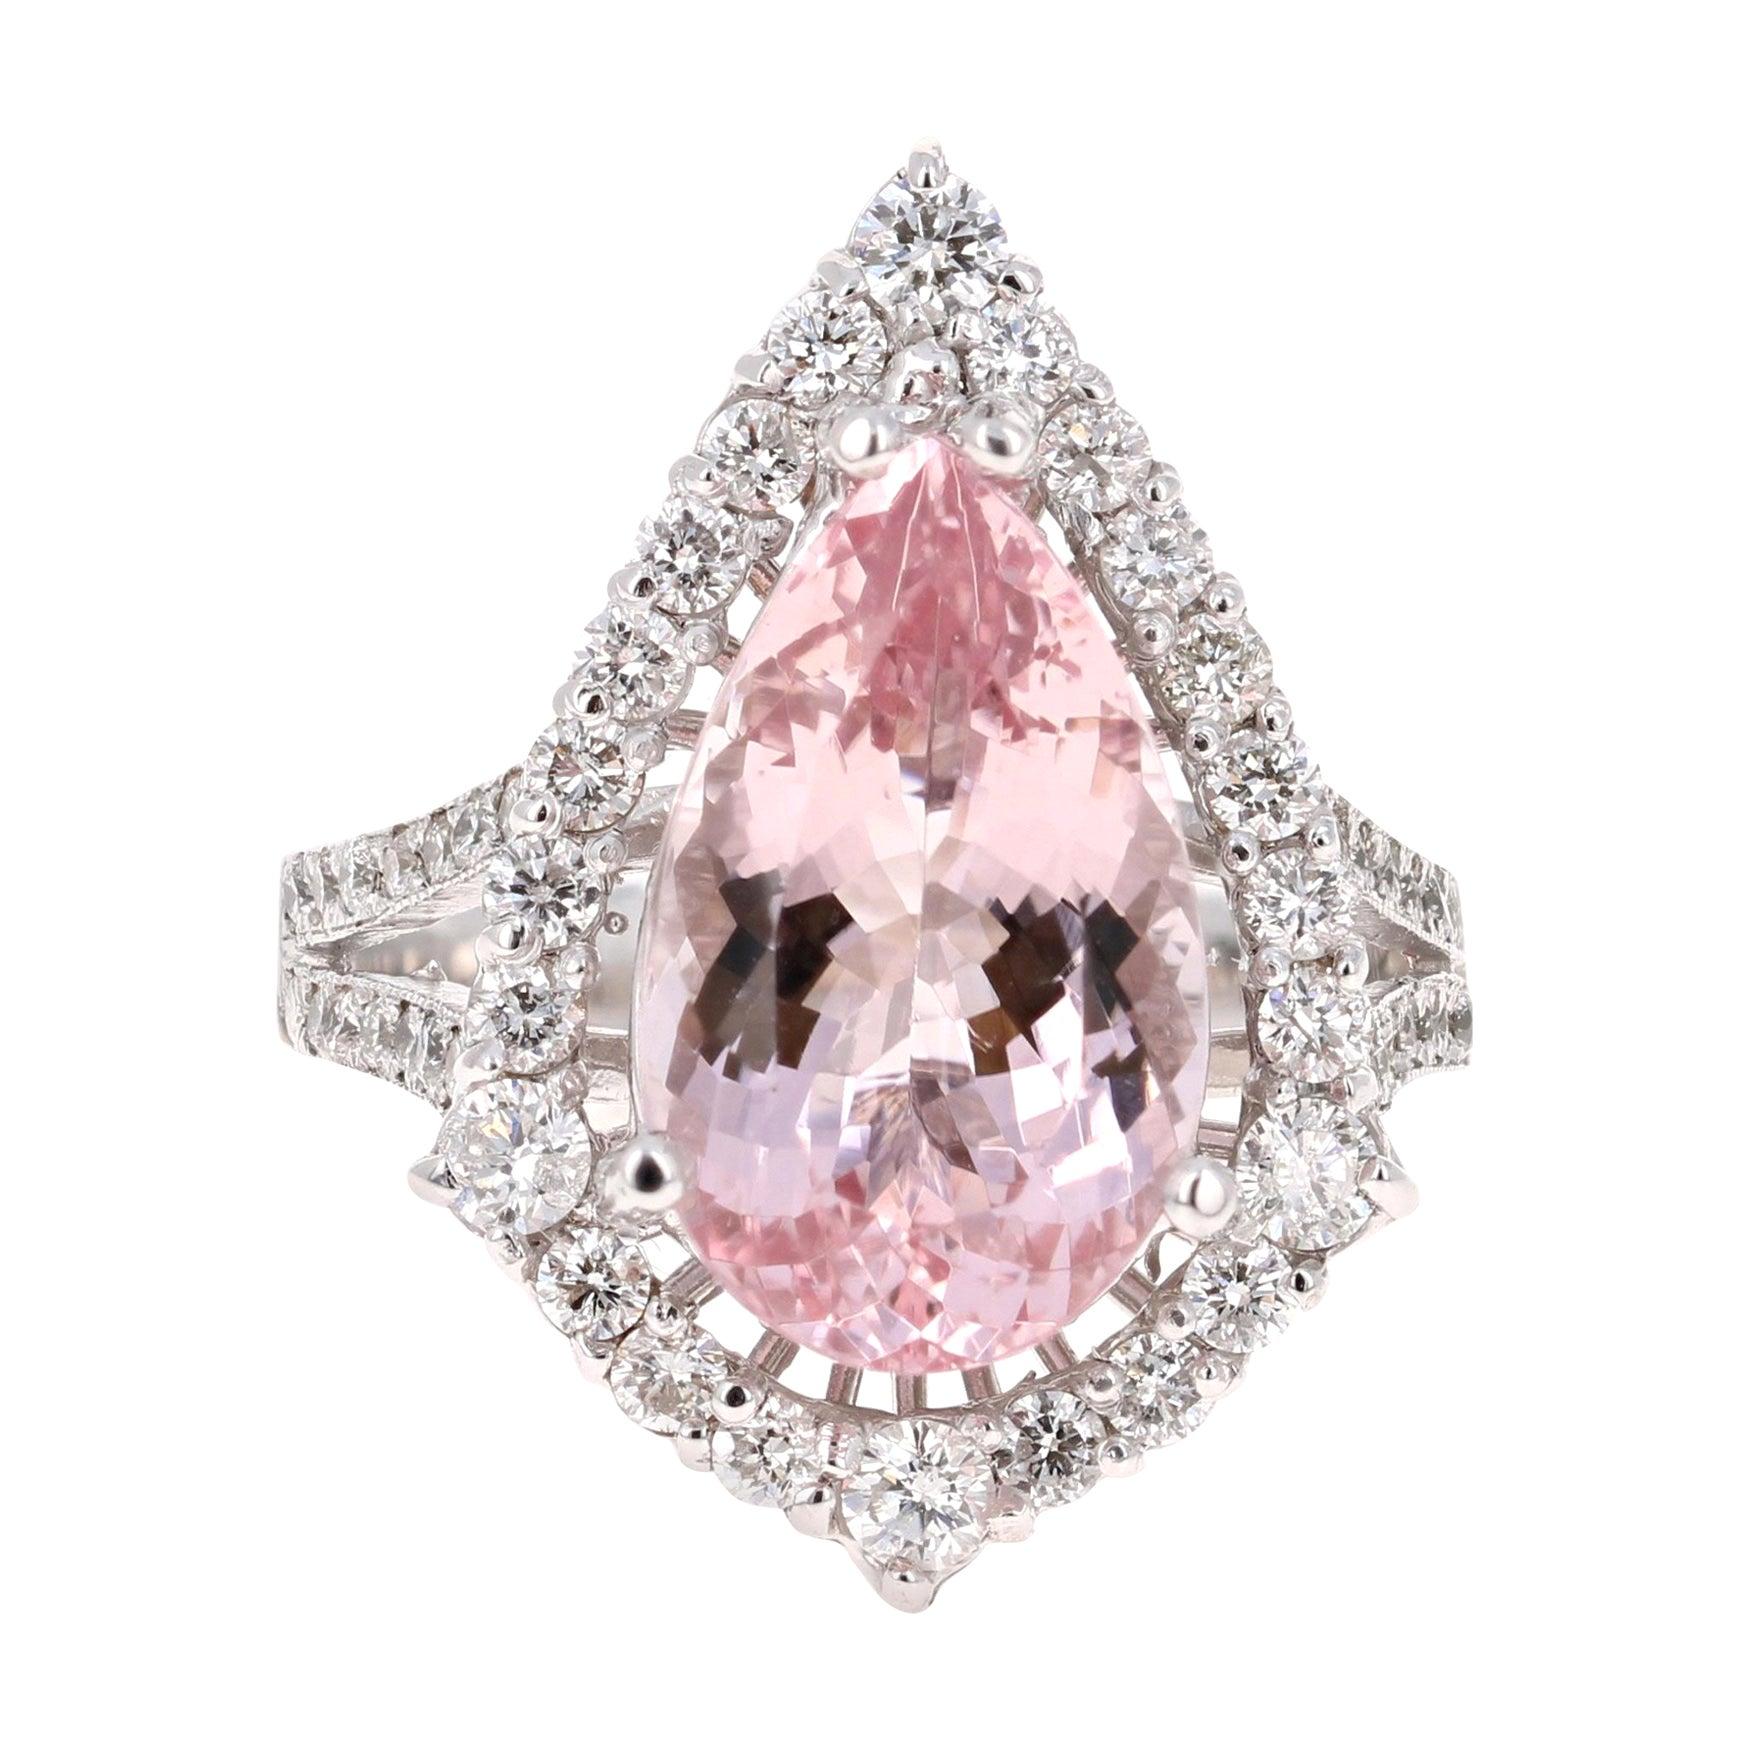 6.18 Carat Pink Morganite Diamond 18 Karat White Gold Engagement Ring